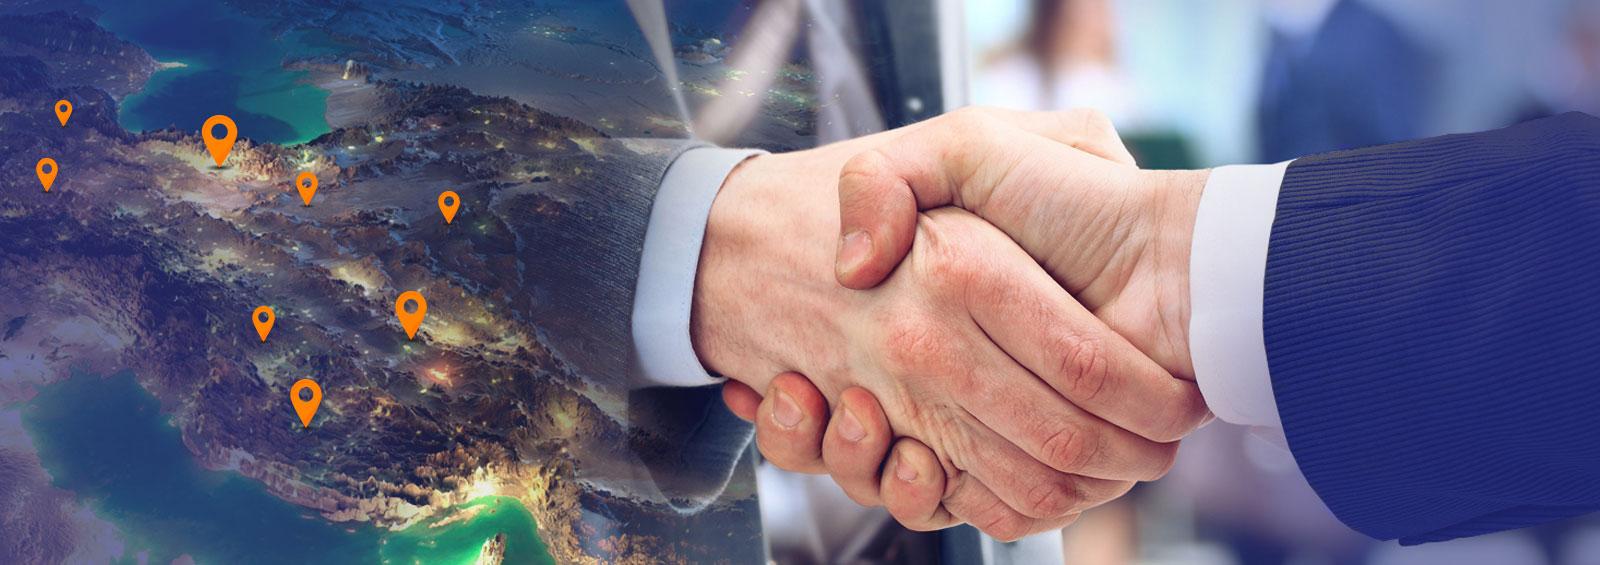 دعوت از شرکت های حسابداری و خدمات مالی برای پیوستن به نمایندگان فروش نرم افزار حسابداری فرداد